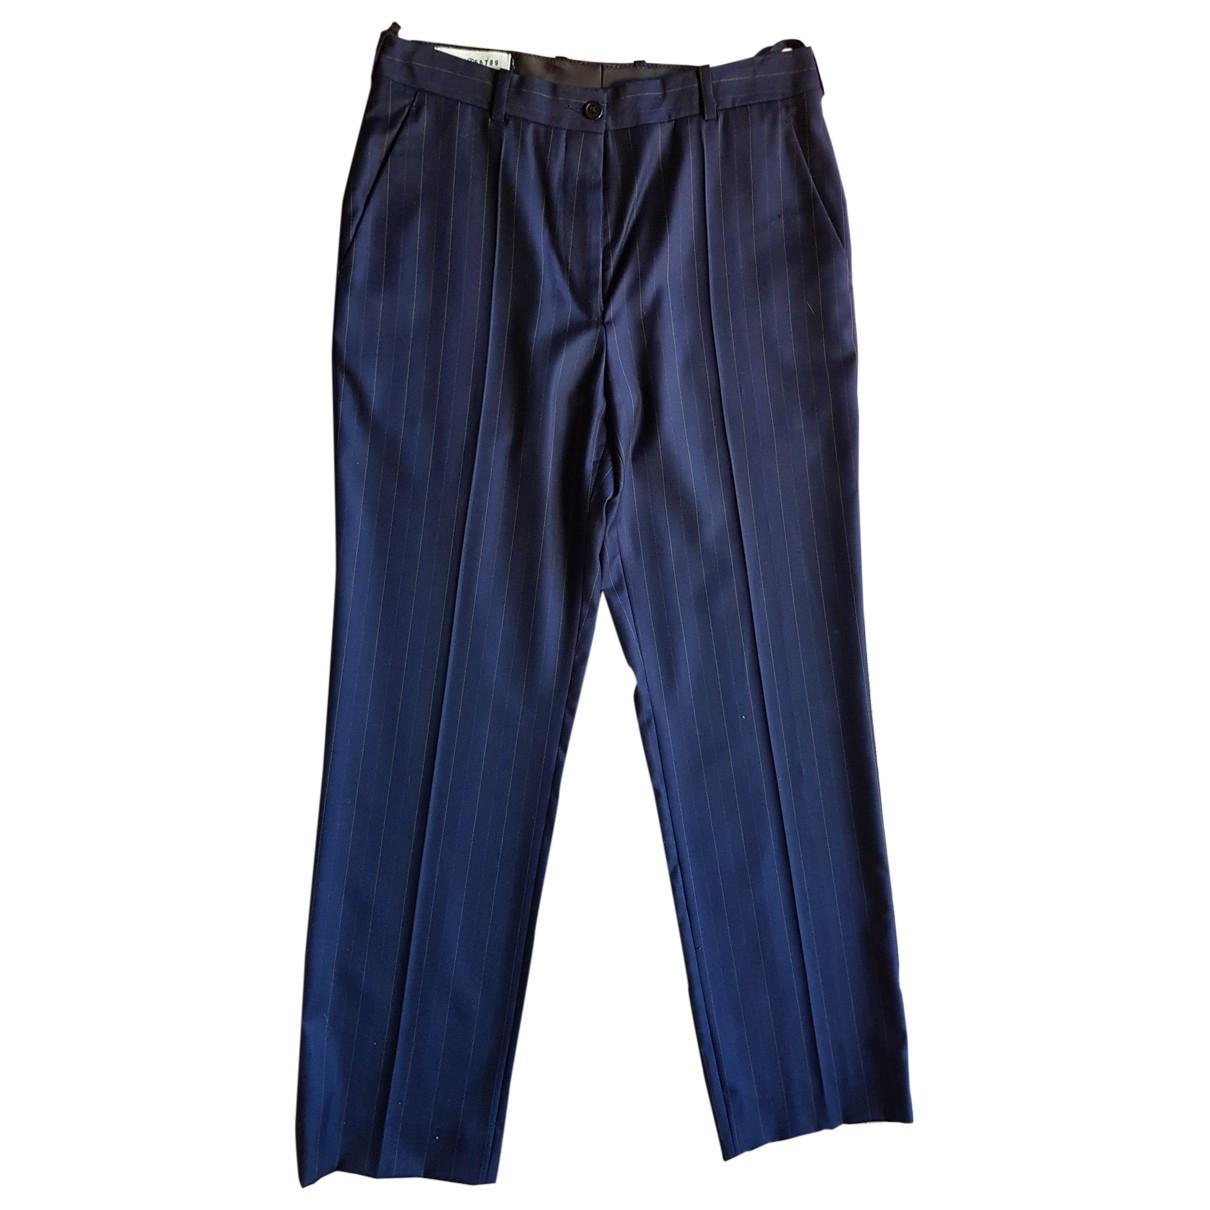 Maison Martin Margiela \N Navy Wool Trousers for Women 42 IT